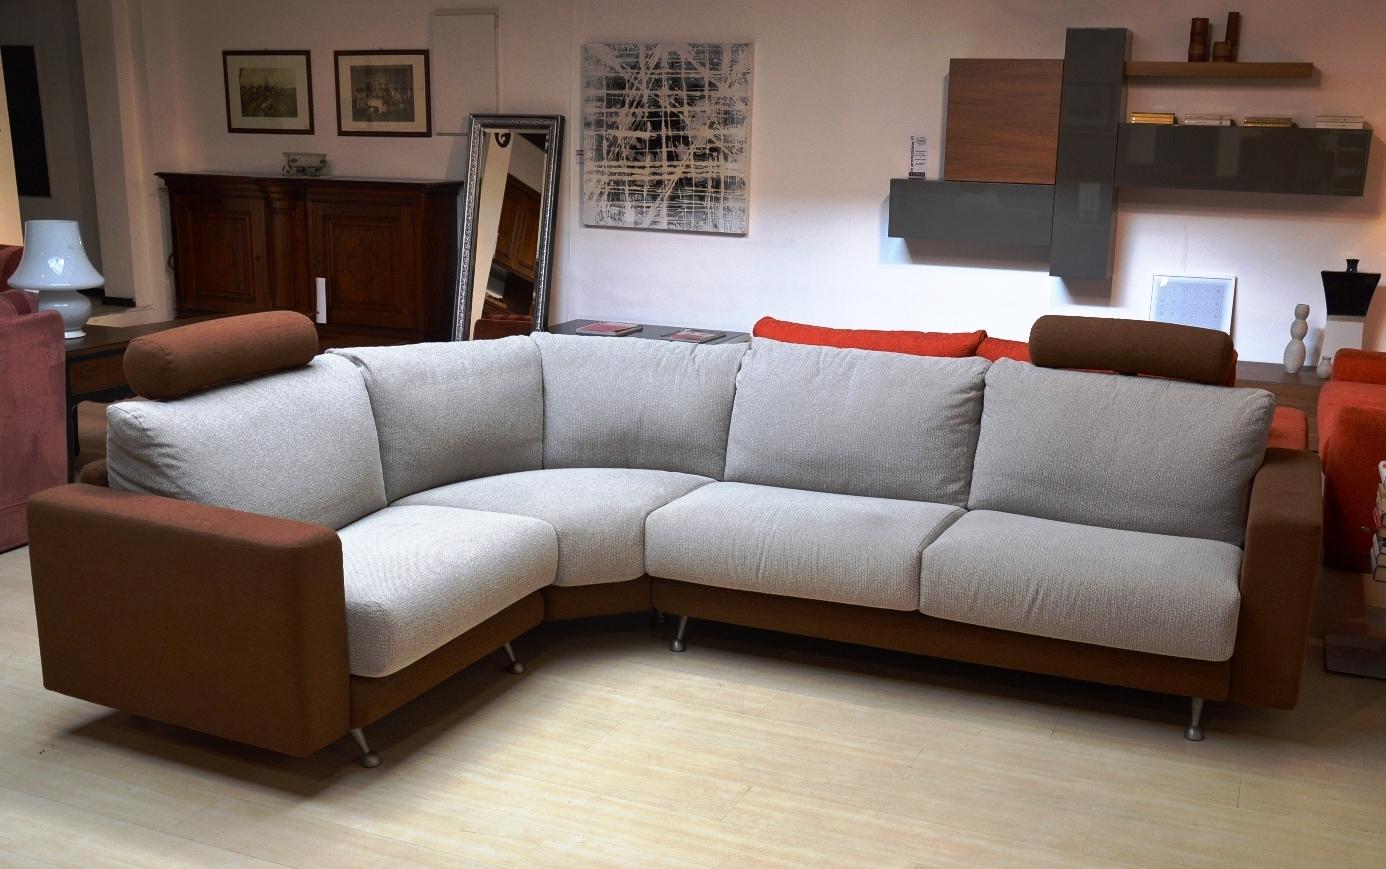 Divano angolo doimo salotti divani a prezzi scontati - Cambiare rivestimento divano poltrone e sofa ...